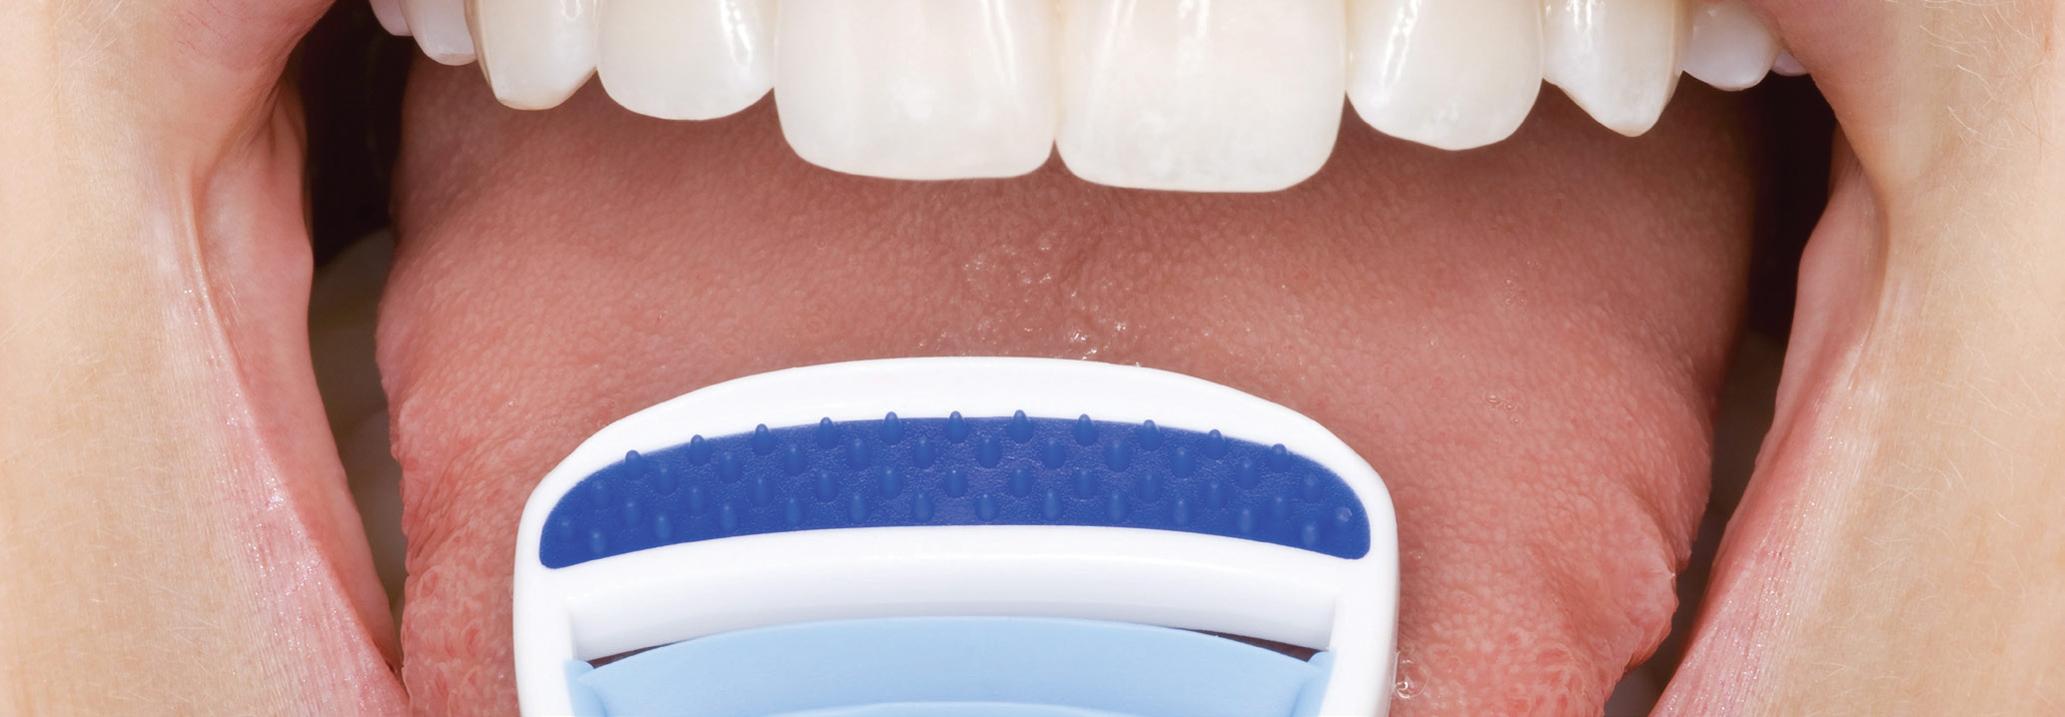 Die Zunge – ein oft unterschätztes Organ | SpringerLink